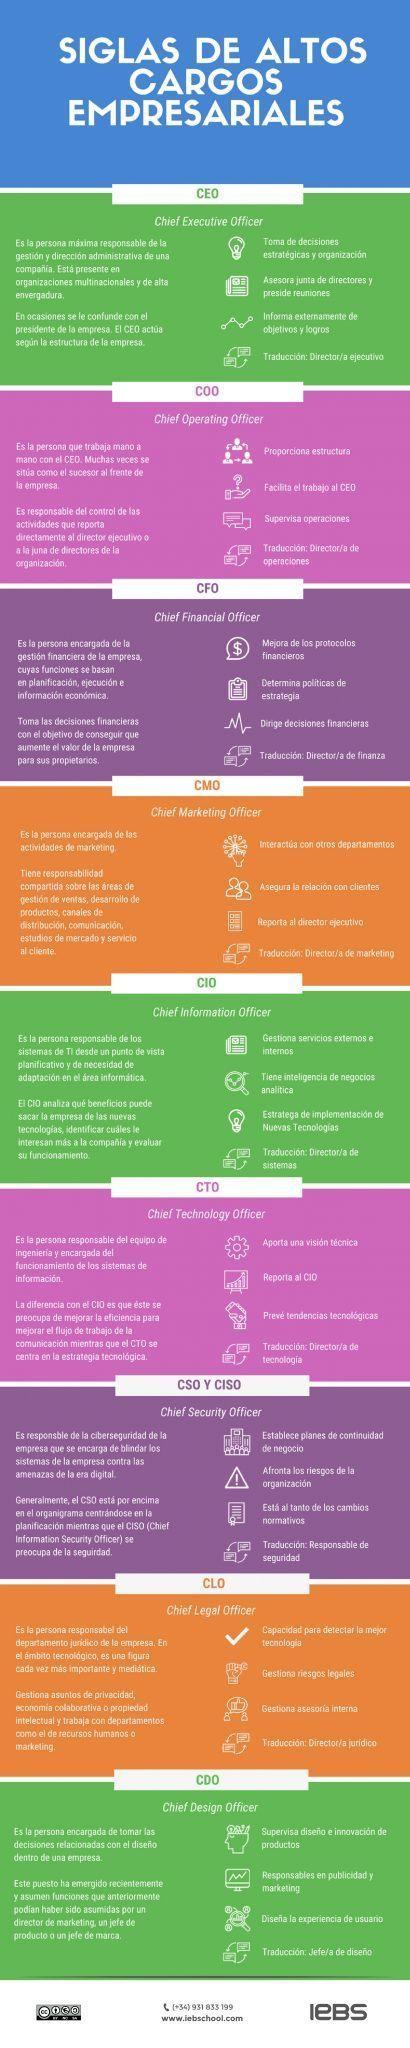 CEO, CFO, CIO, y otras siglas